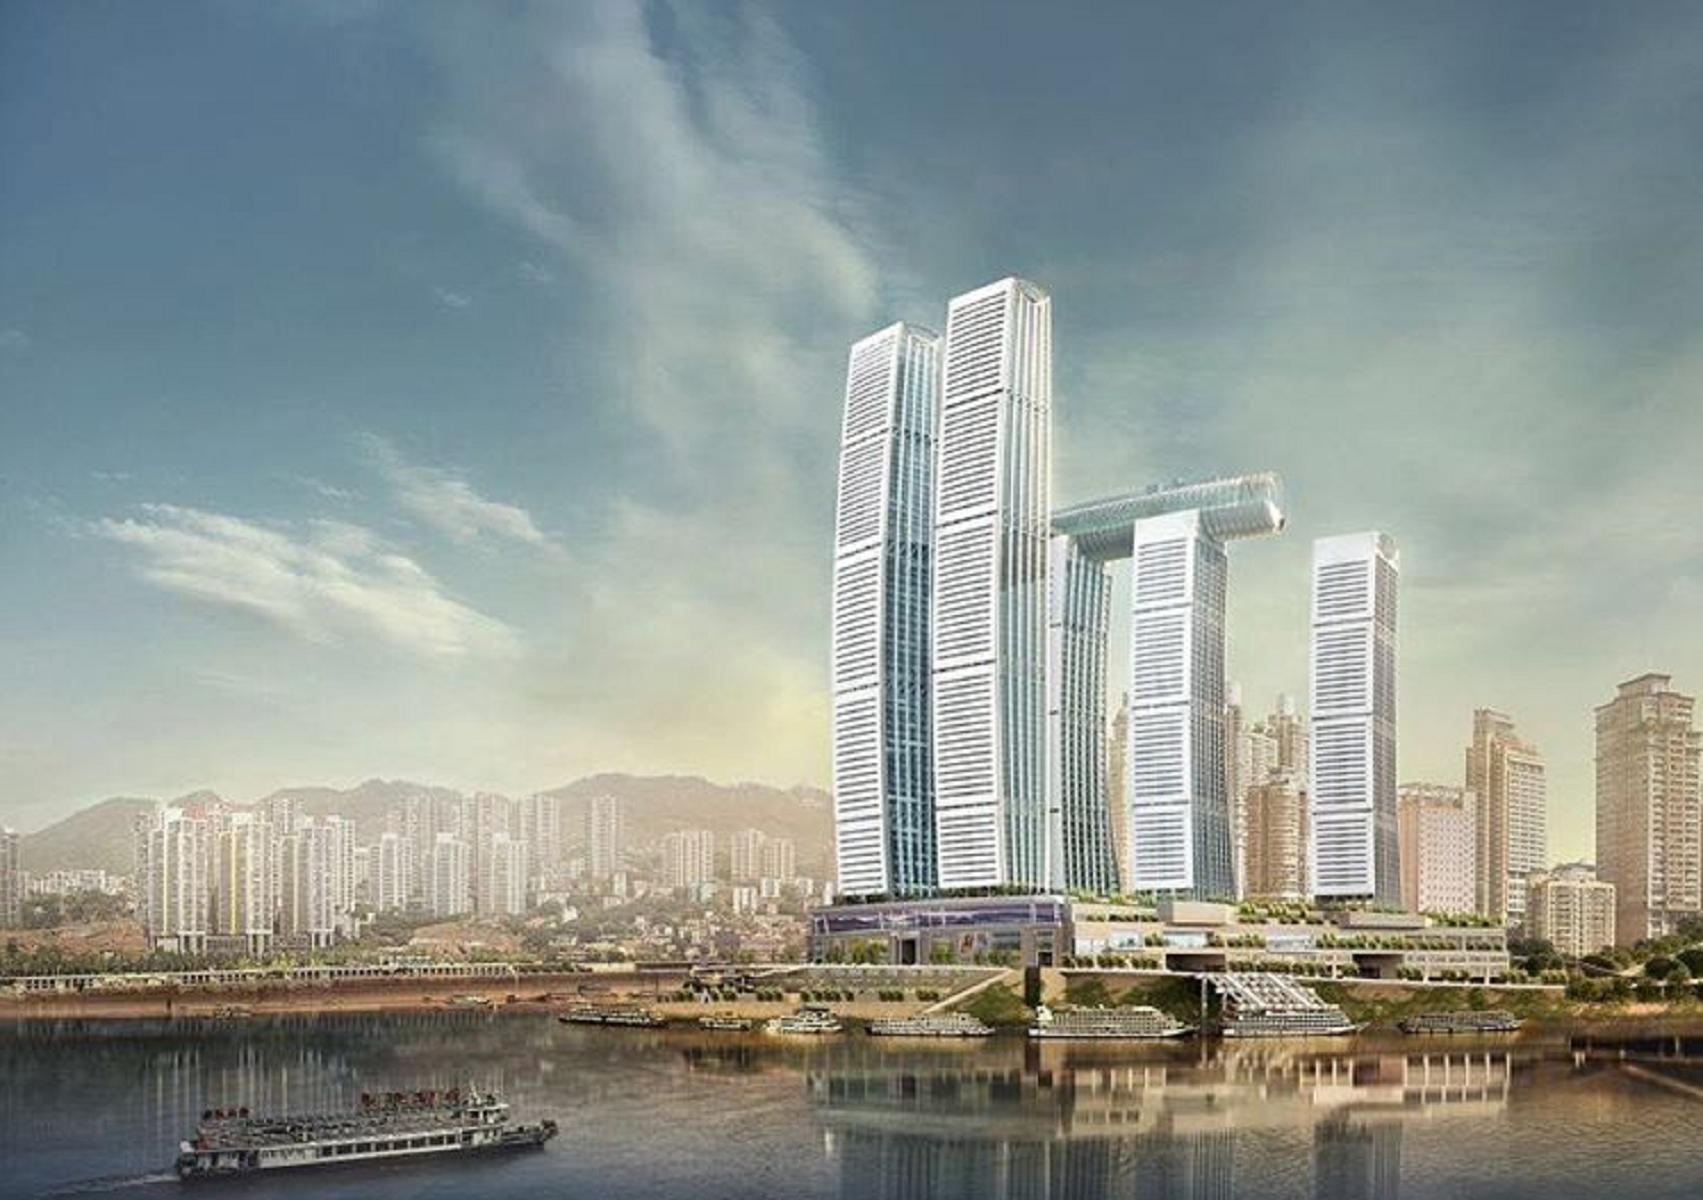 Cina, Raffles City Chongqing: il grattacielo più alto del mondo